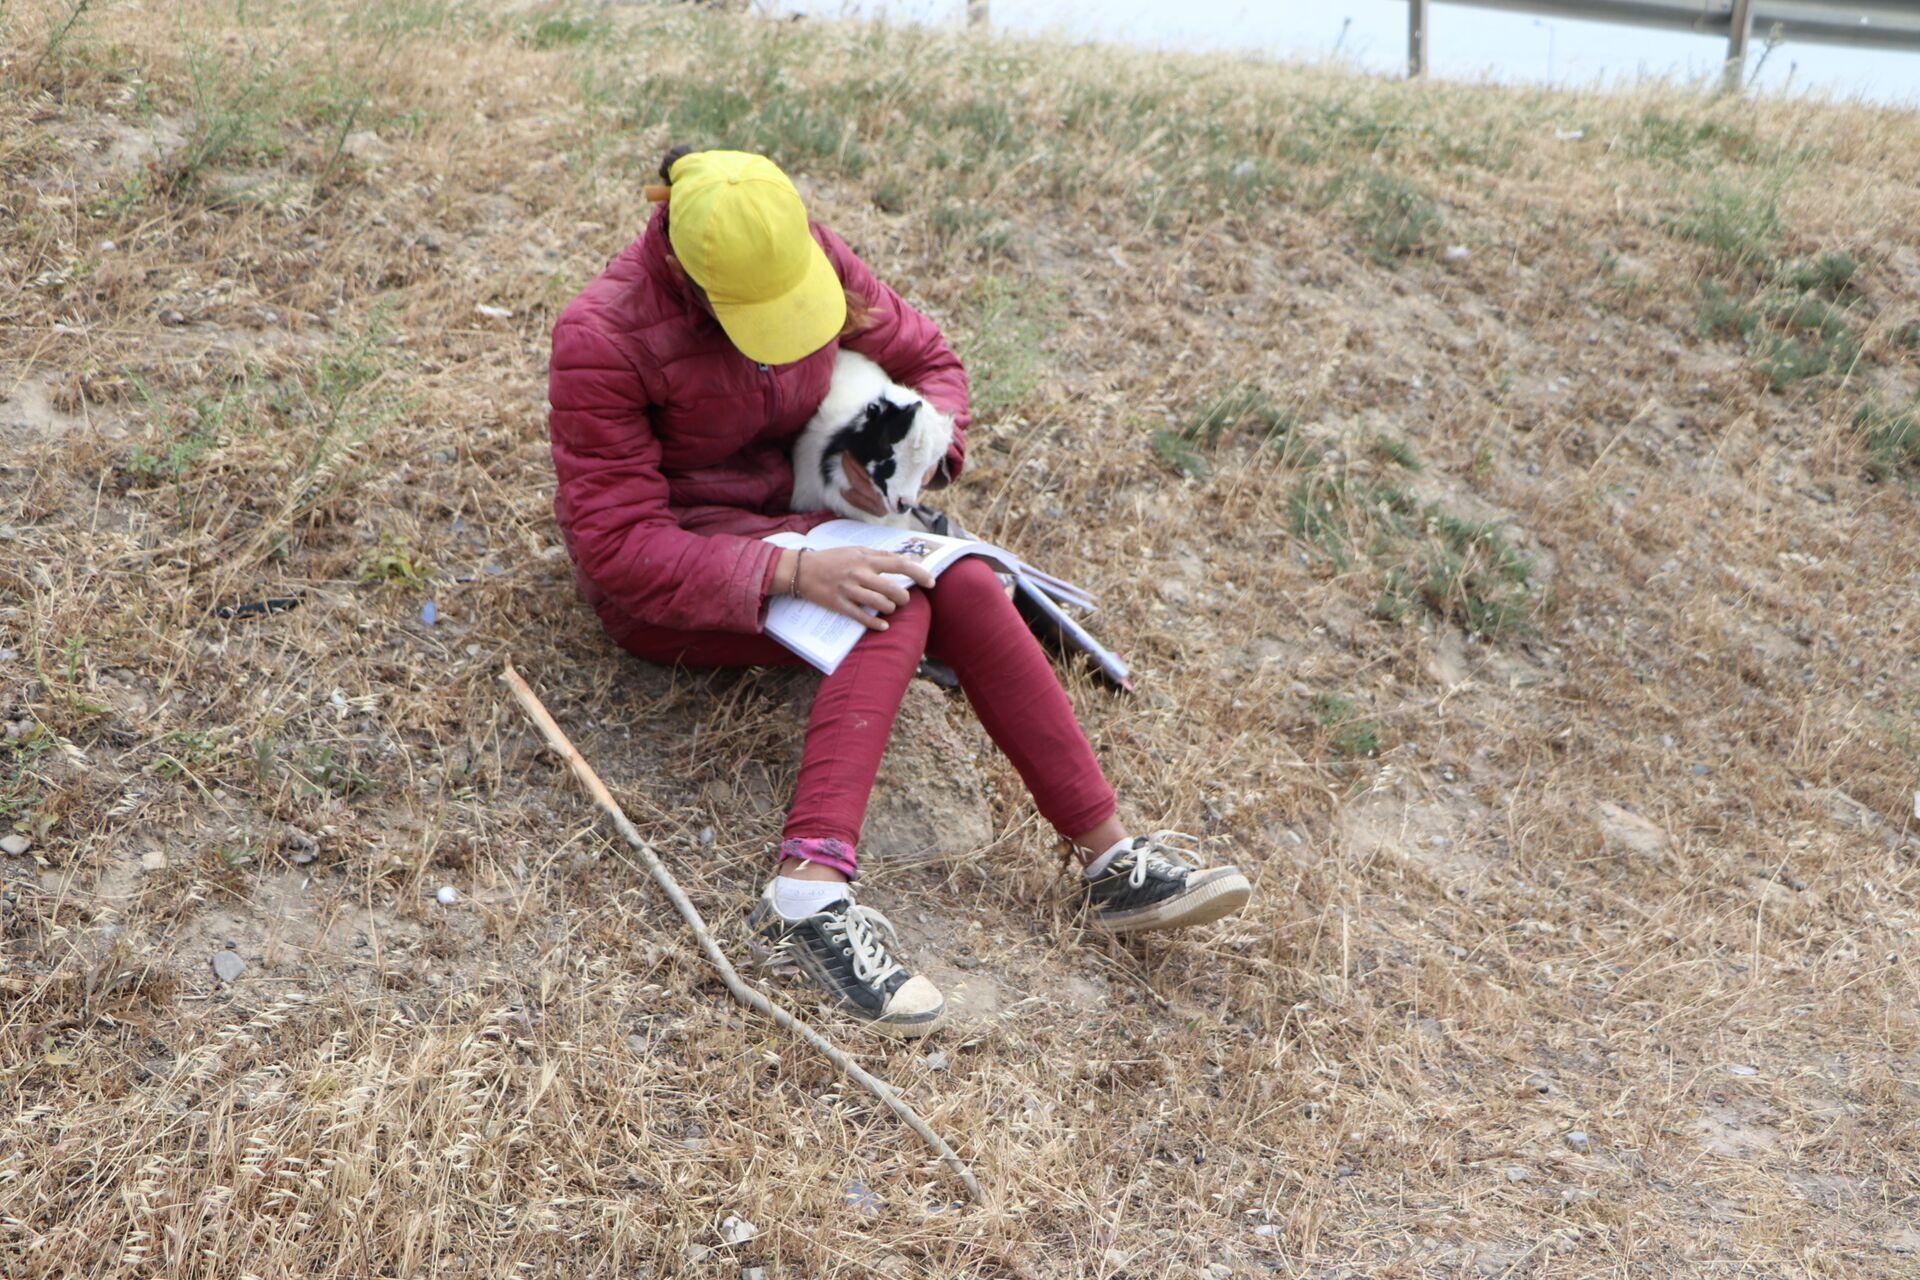 Жизнь на обочине: девочка-подросток пасет скот, чтобы содержать семью - Sputnik Азербайджан, 1920, 12.06.2021